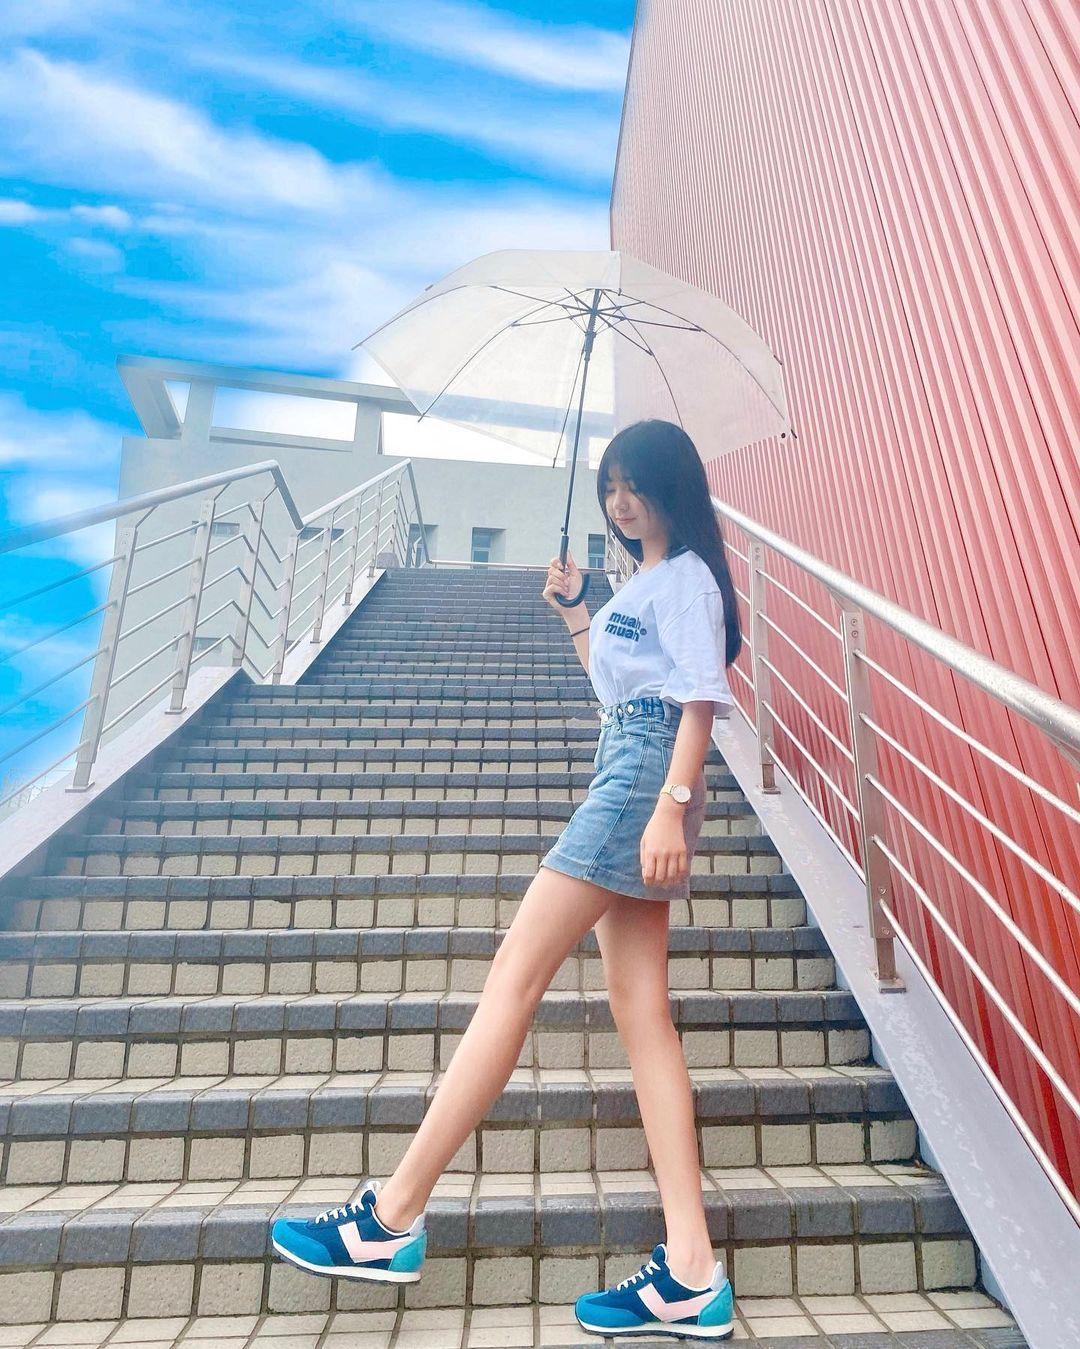 高校妹子真美!「最美高校生」的景美女中学生「许悦」插图5